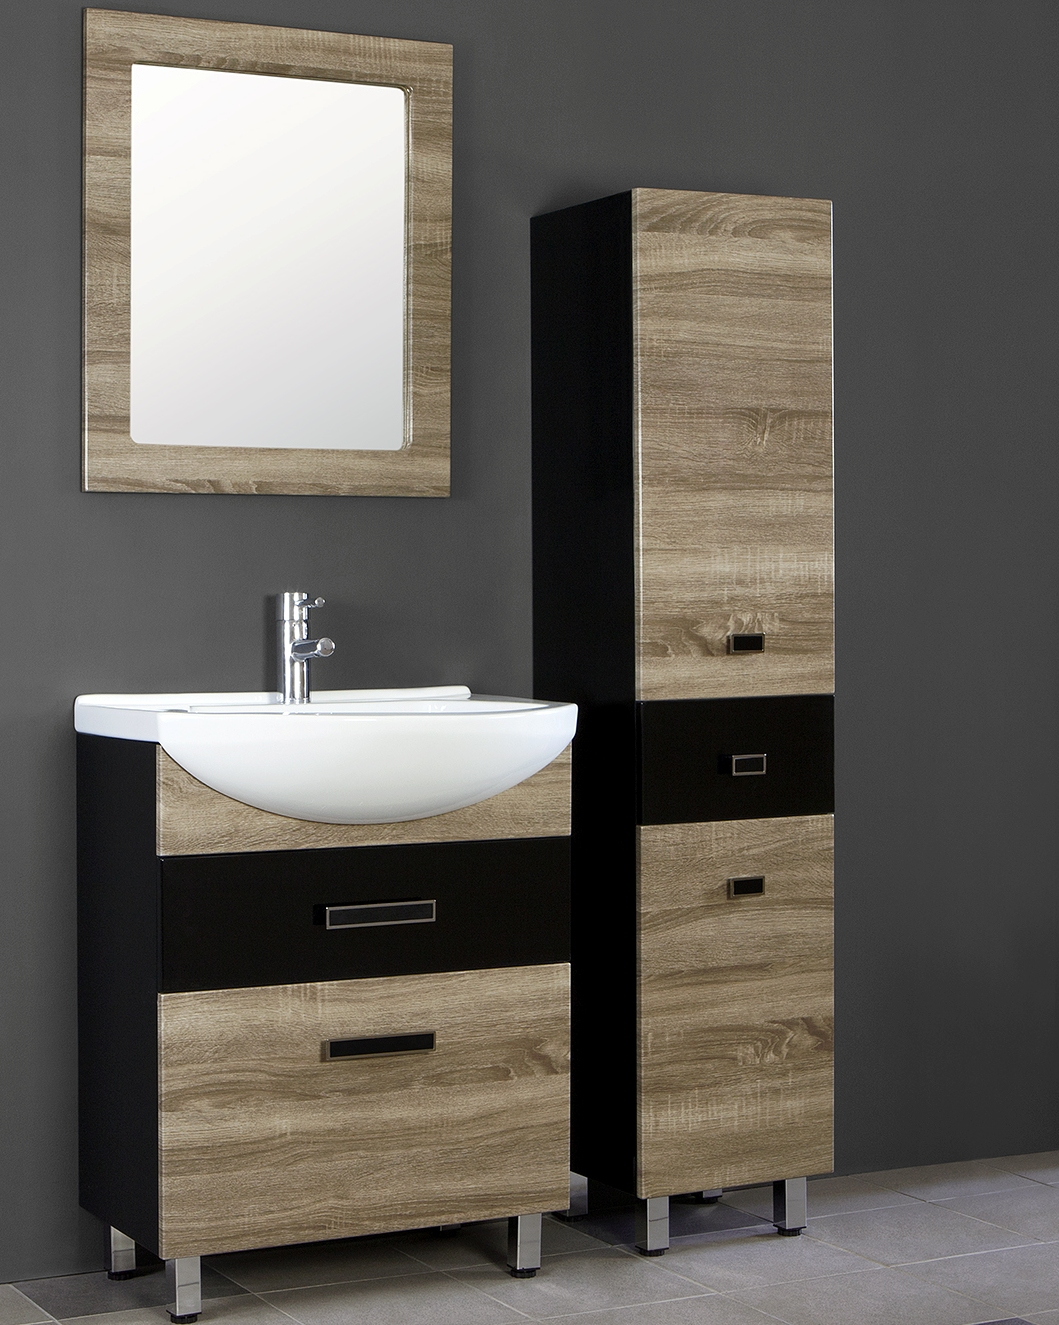 Сантехника, мебель для ванной, душевые кабины - Томск